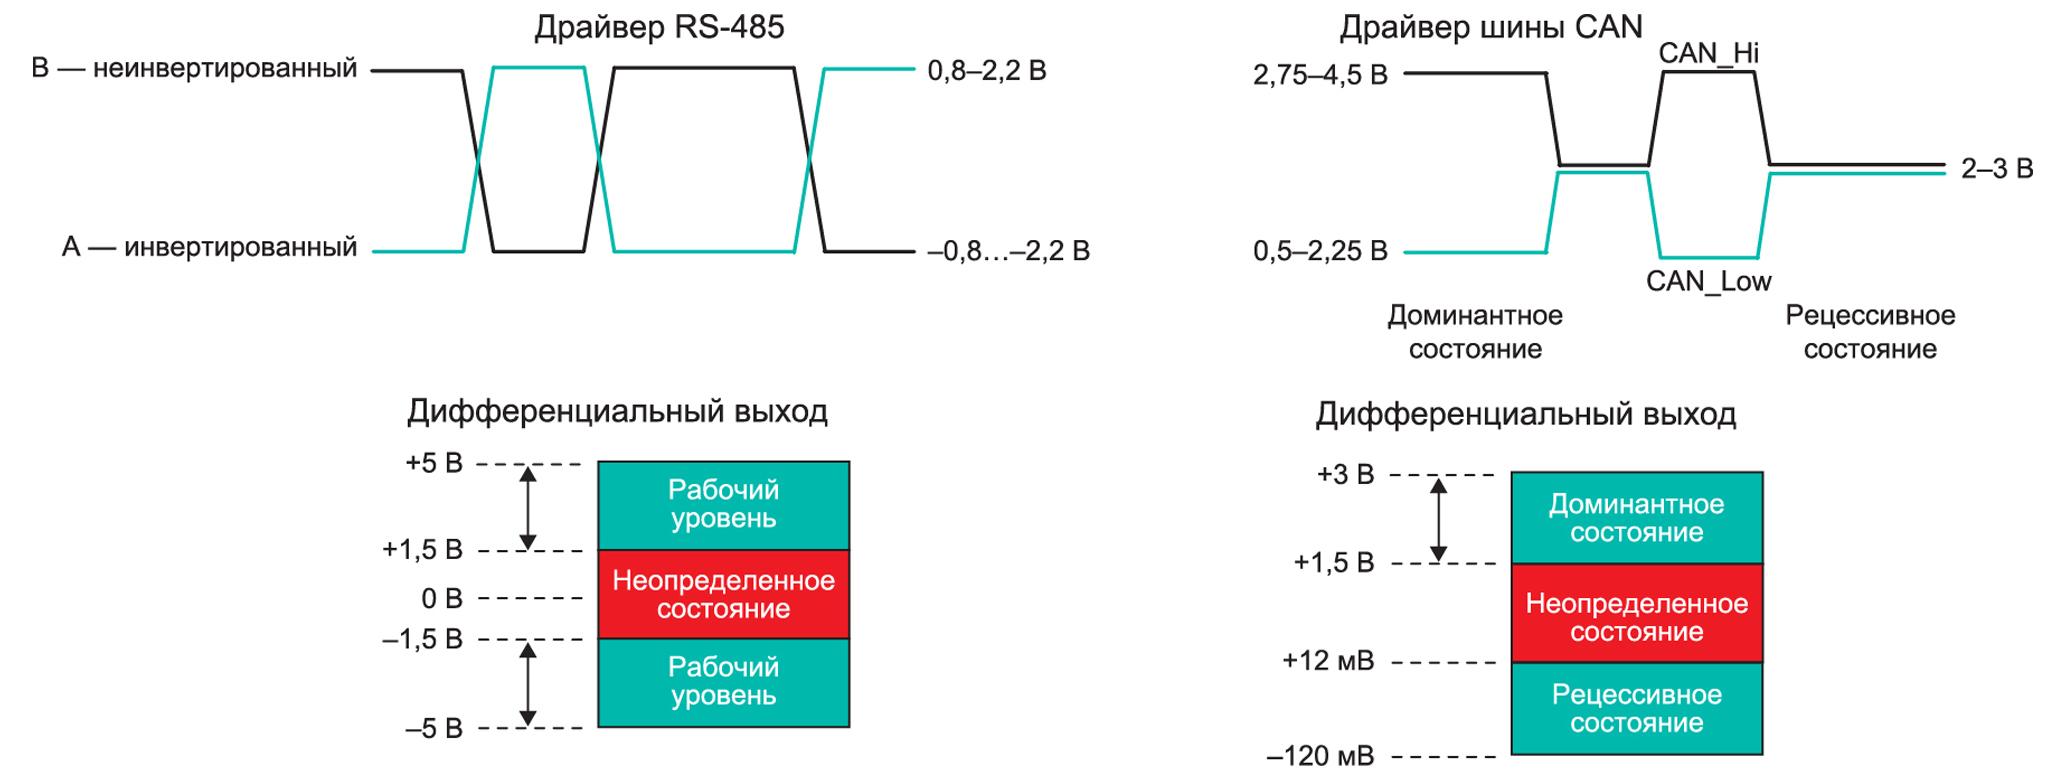 Сравнение допустимых уровней выходных дифференциальных сигналов драйверов RS 485 и CAN